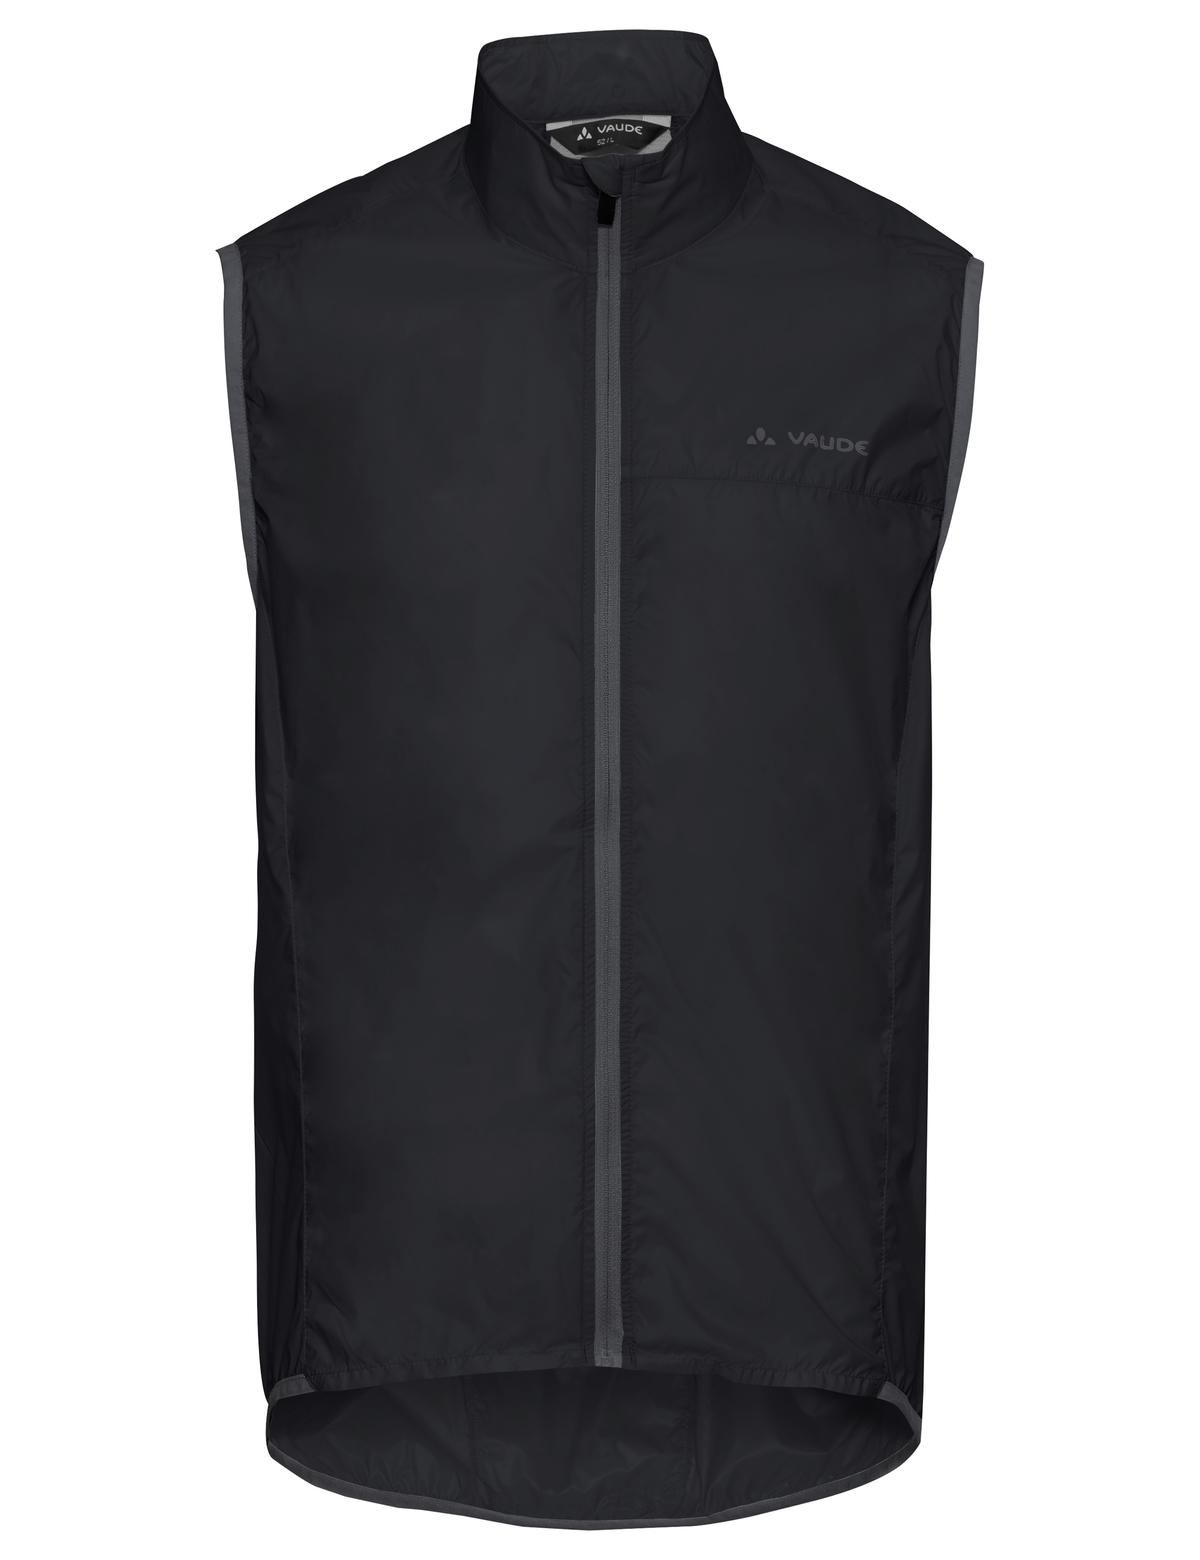 VAUDE Men´s Air Vest III black Größe XXL - 2-Rad-Sport Wehrle